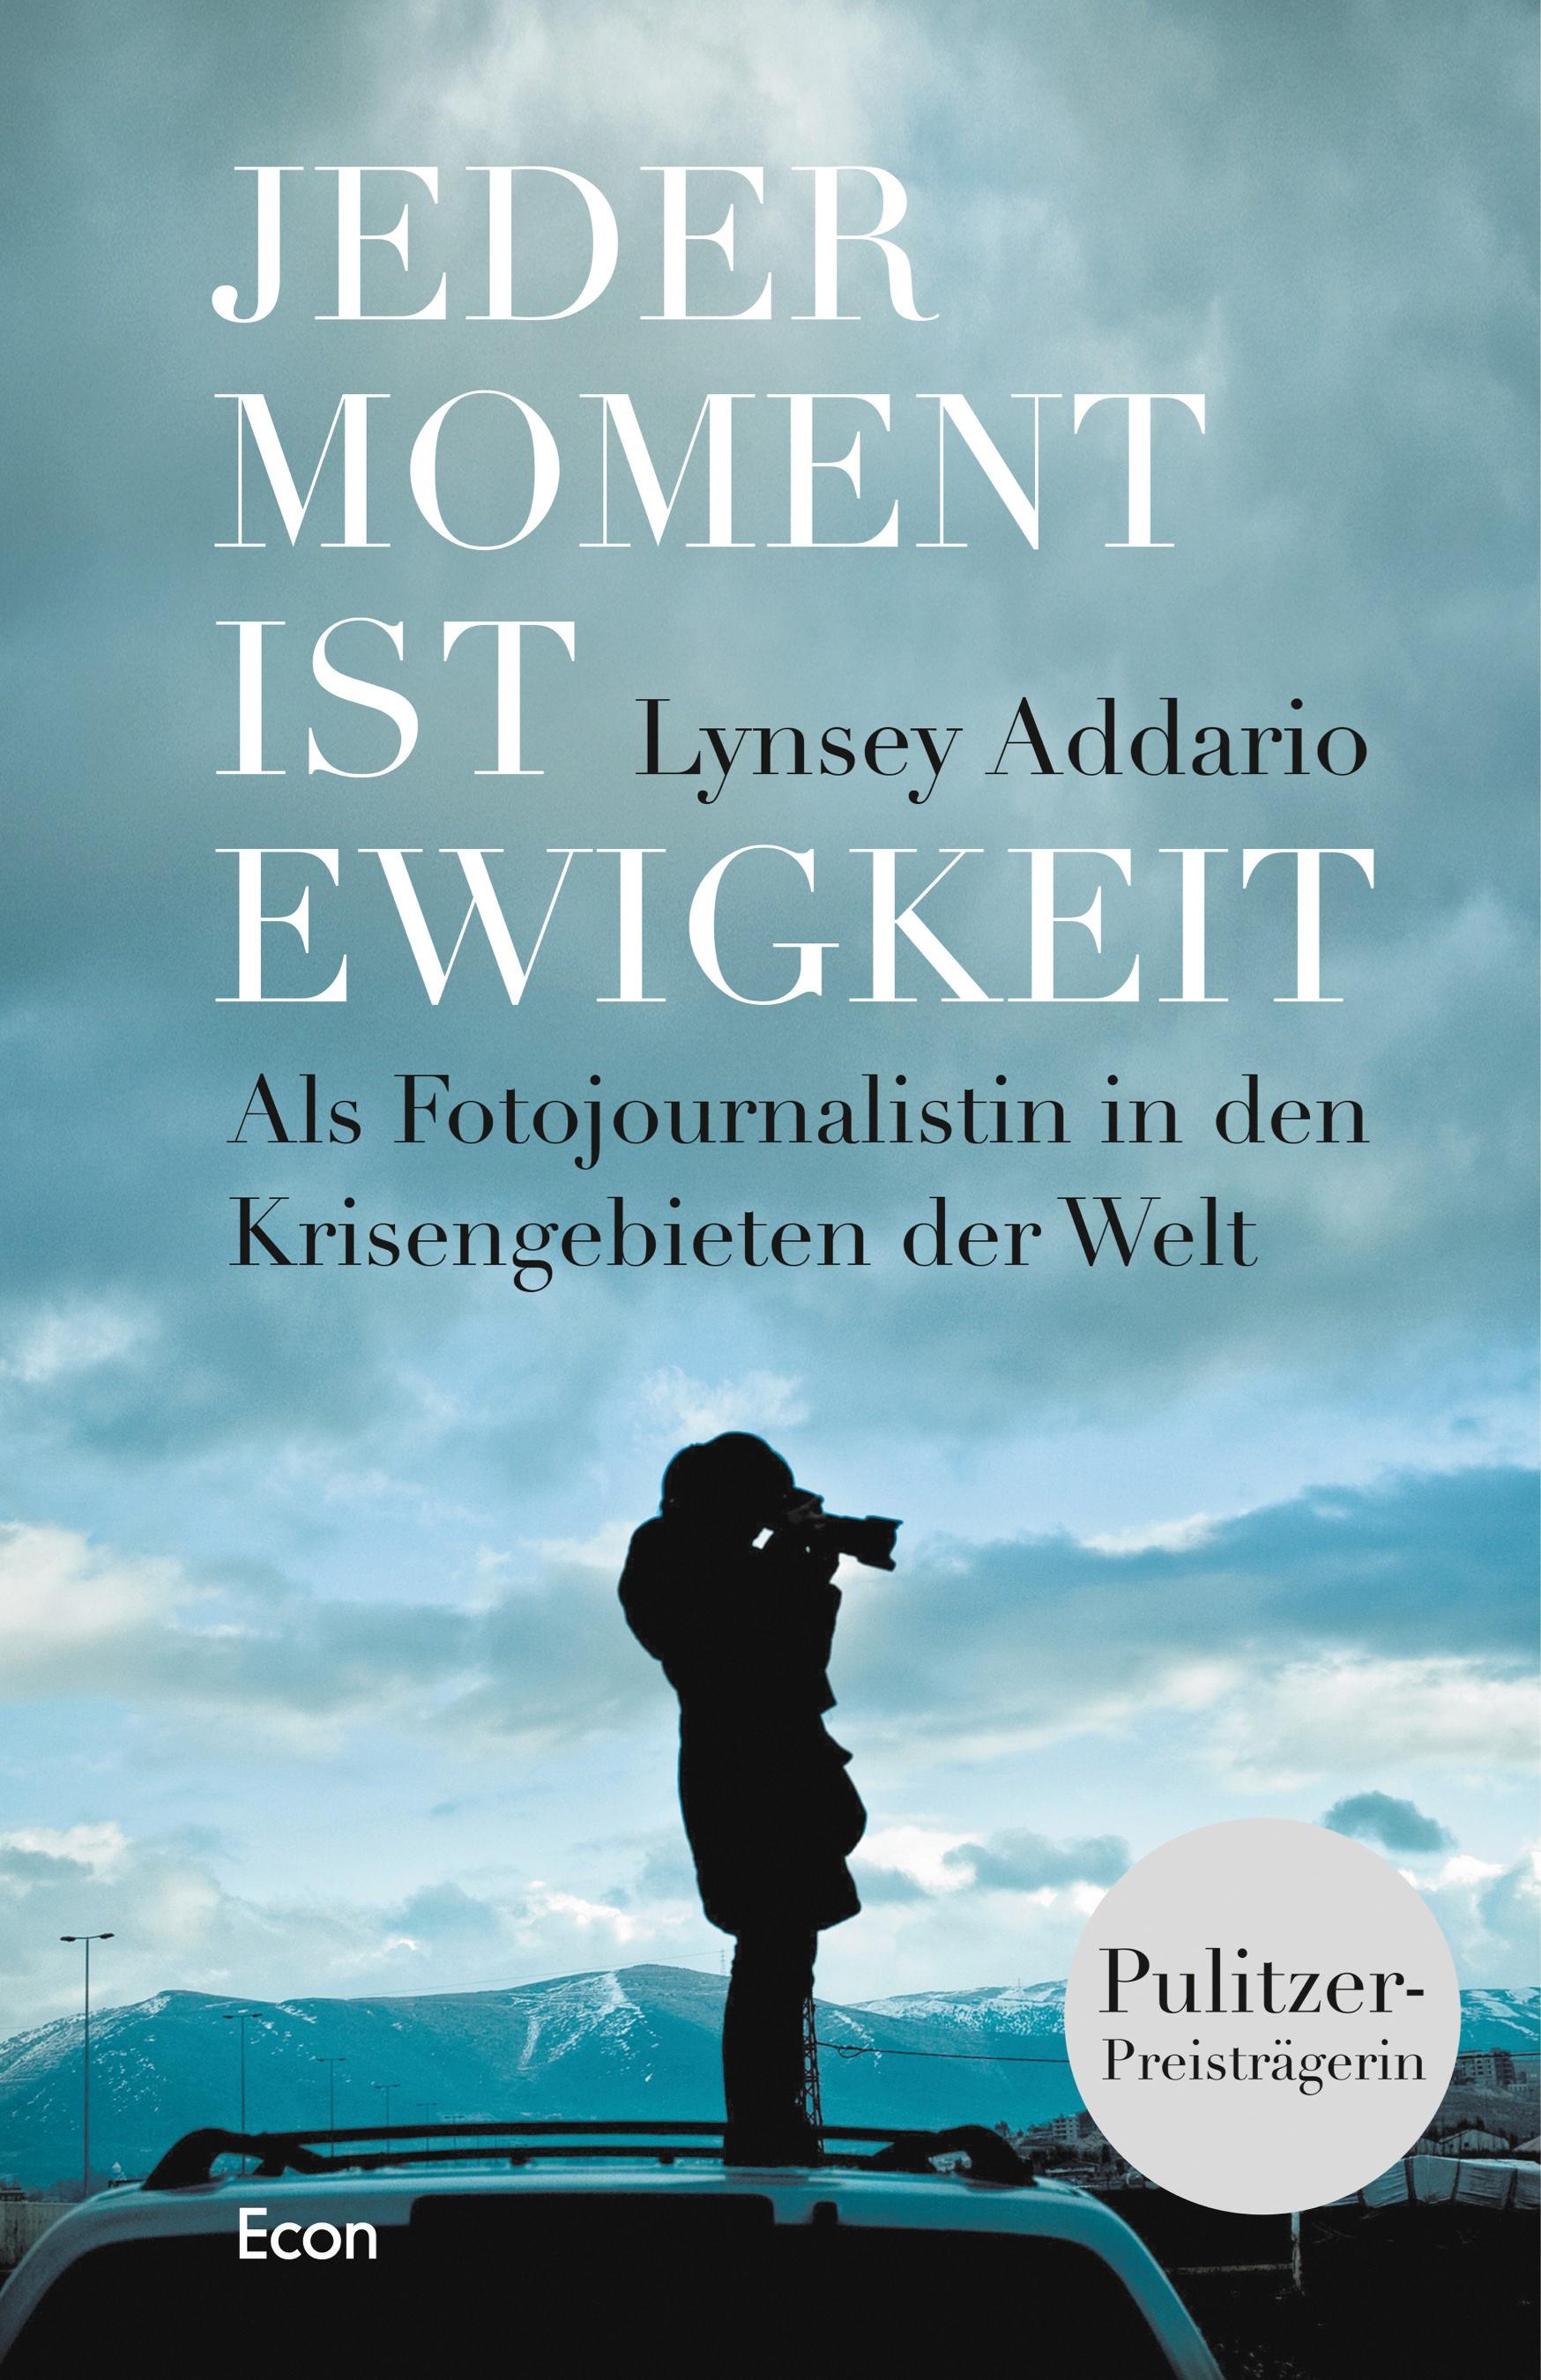 Jeder Moment ist Ewigkeit | Addario, 2016 | Buch (Cover)